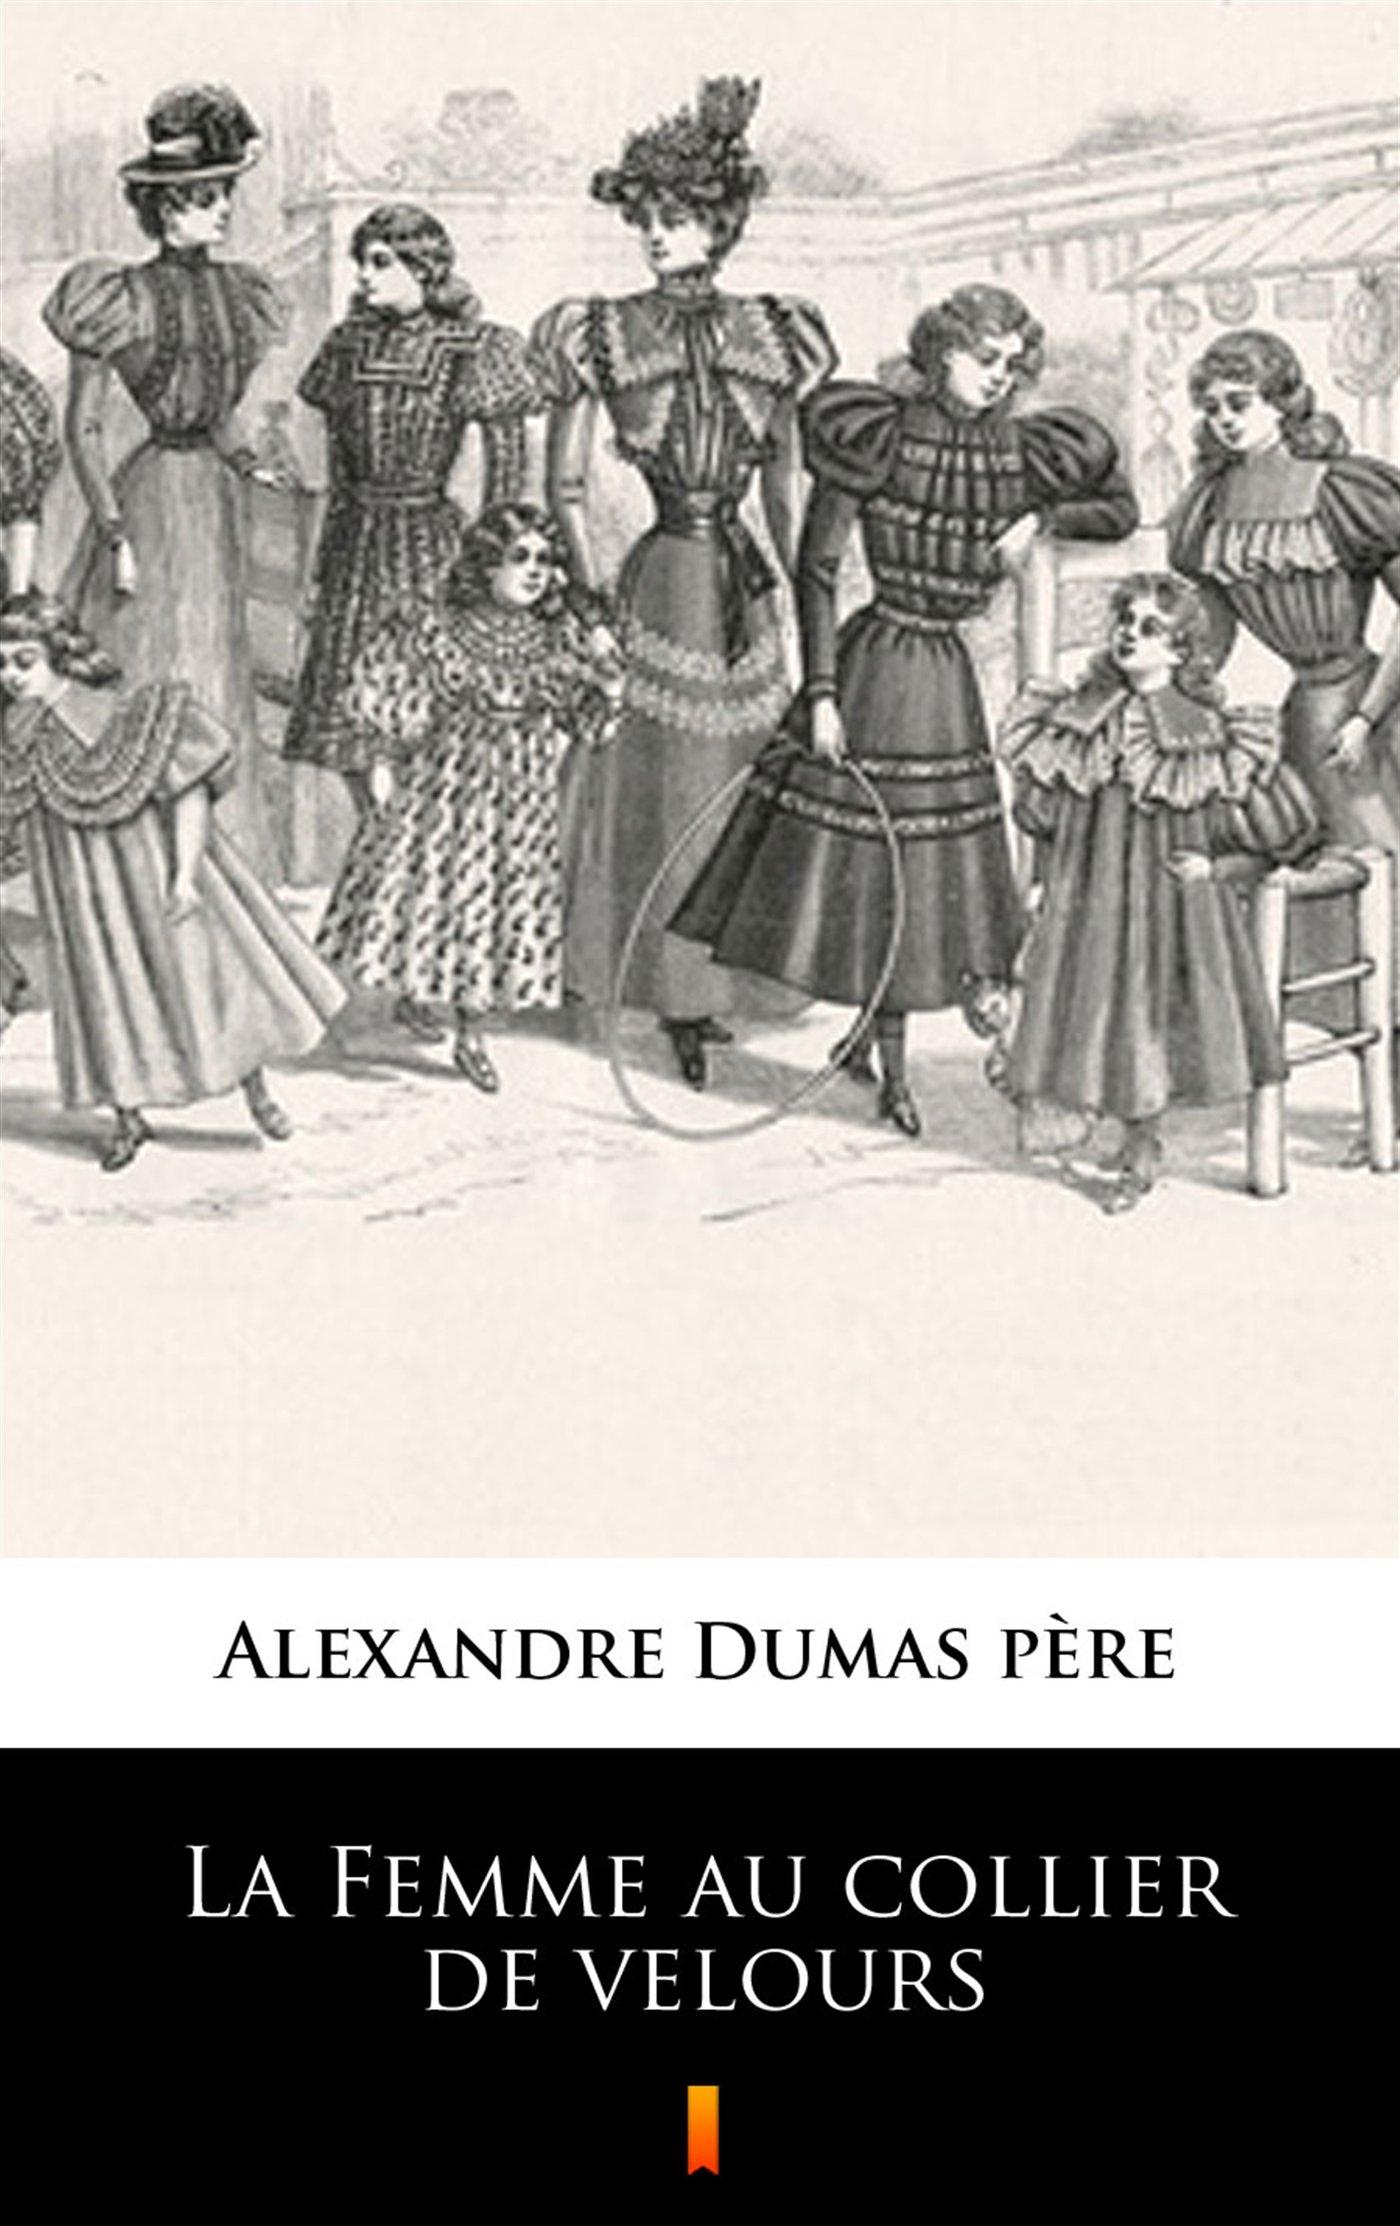 La Femme au collier de velours - Ebook (Książka na Kindle) do pobrania w formacie MOBI